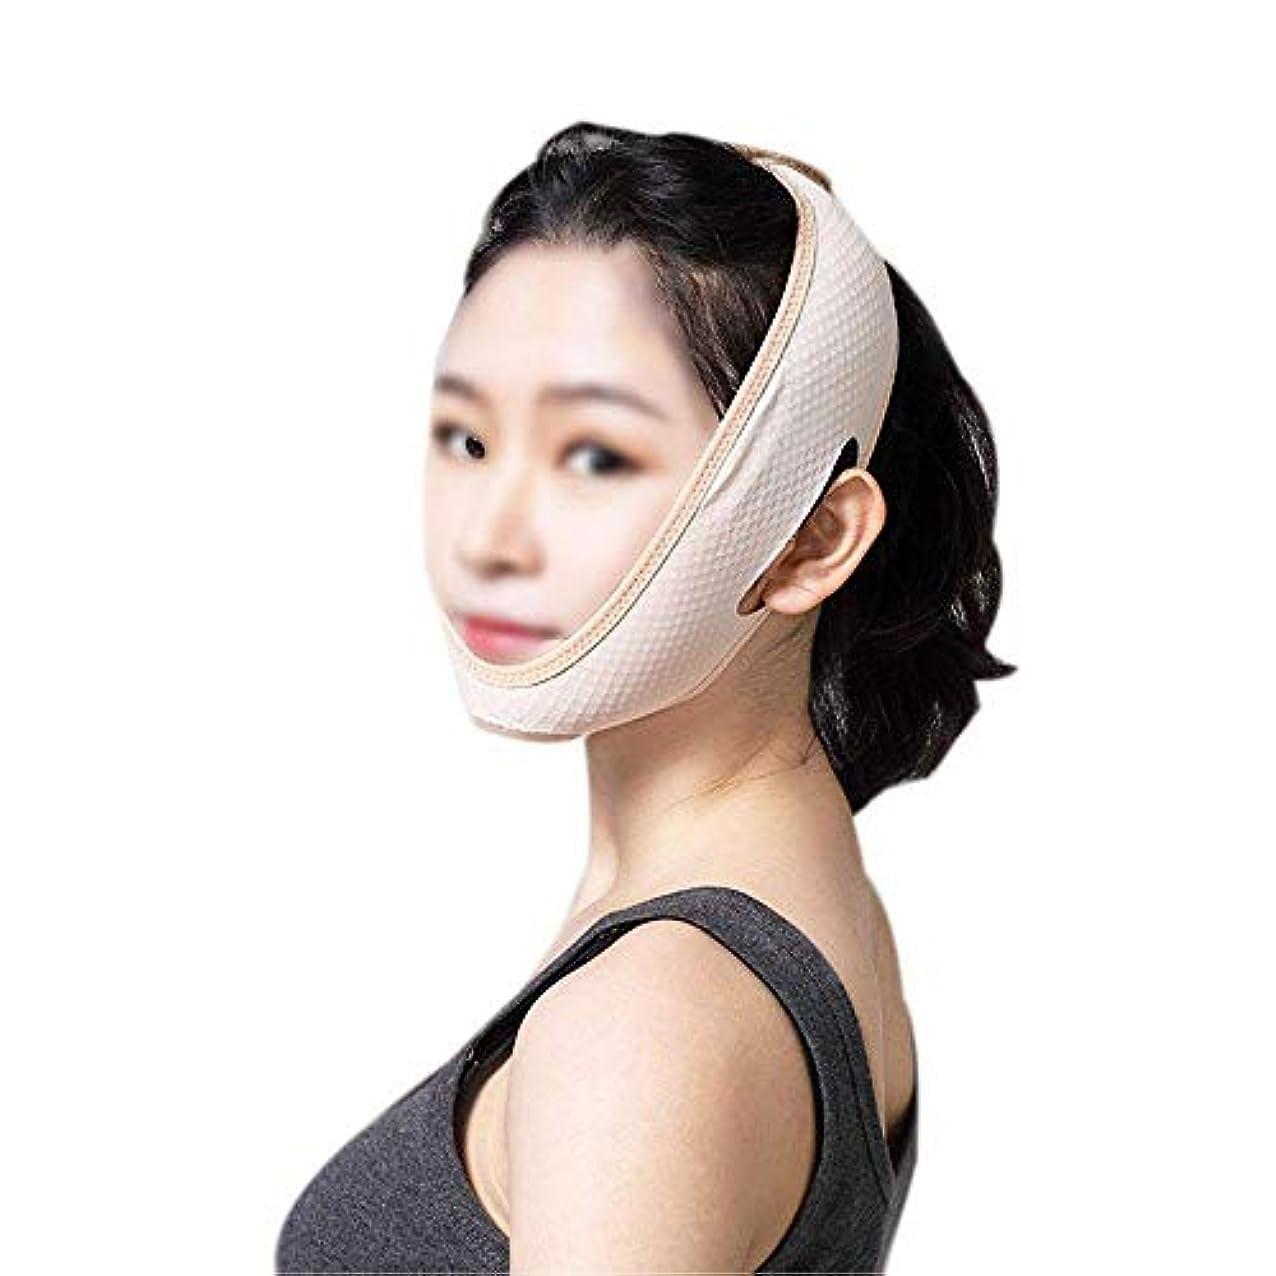 とまり木弾性アルバムフェイスリフティングバンデージ、肌の引き締めを強化する薄いフェイスマスクの睡眠、ダブルチンマスクの削減